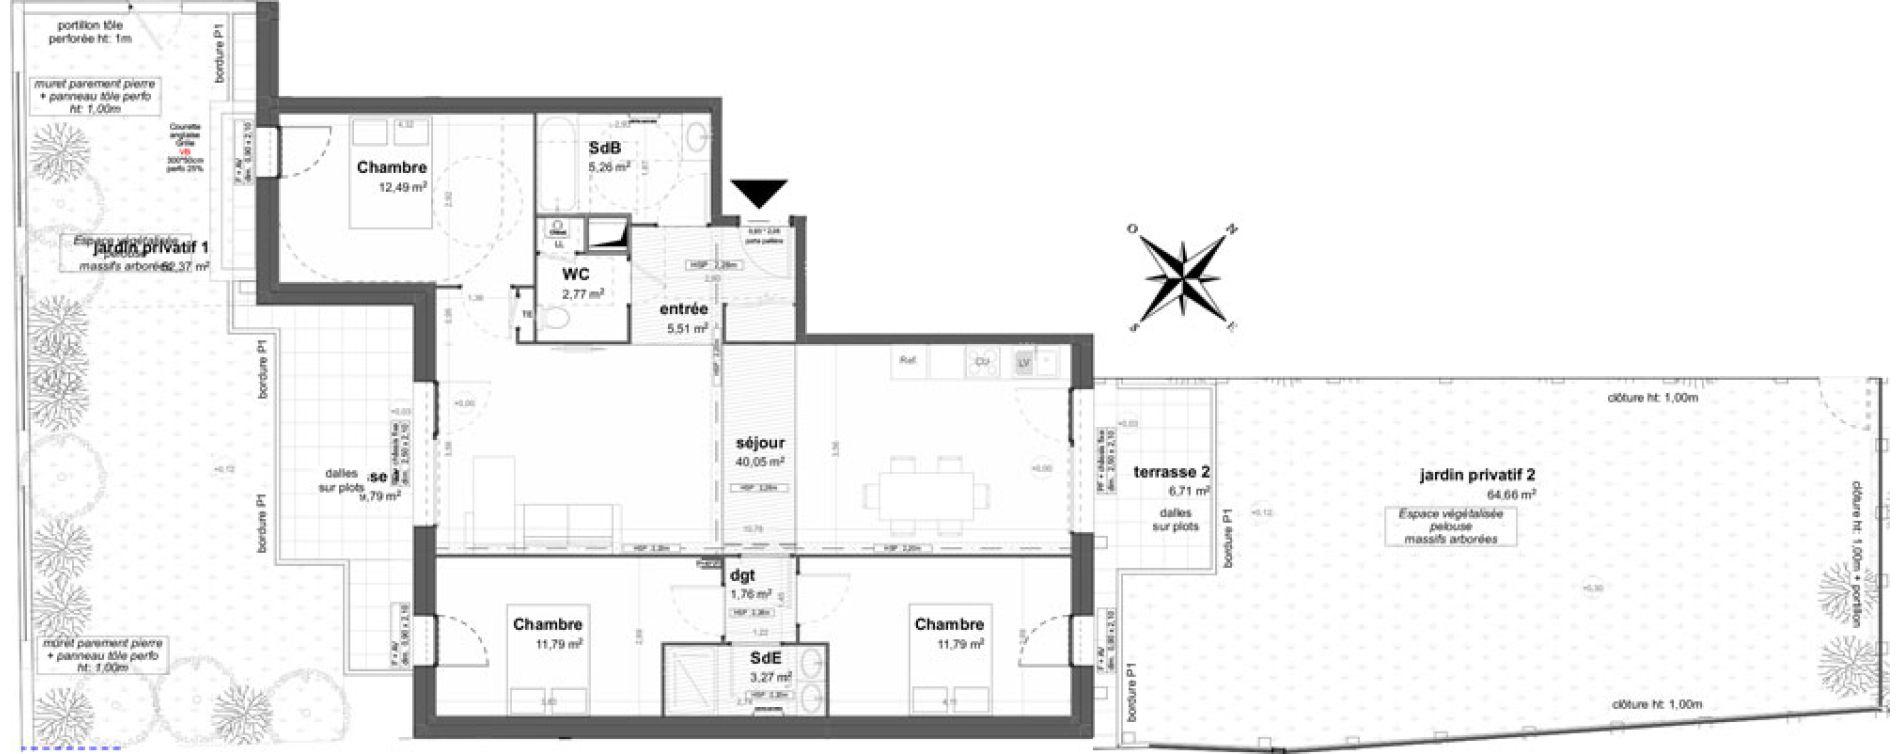 Appartement T4 de 94,87 m2 à Saint-Malo Saint-servan - solidor